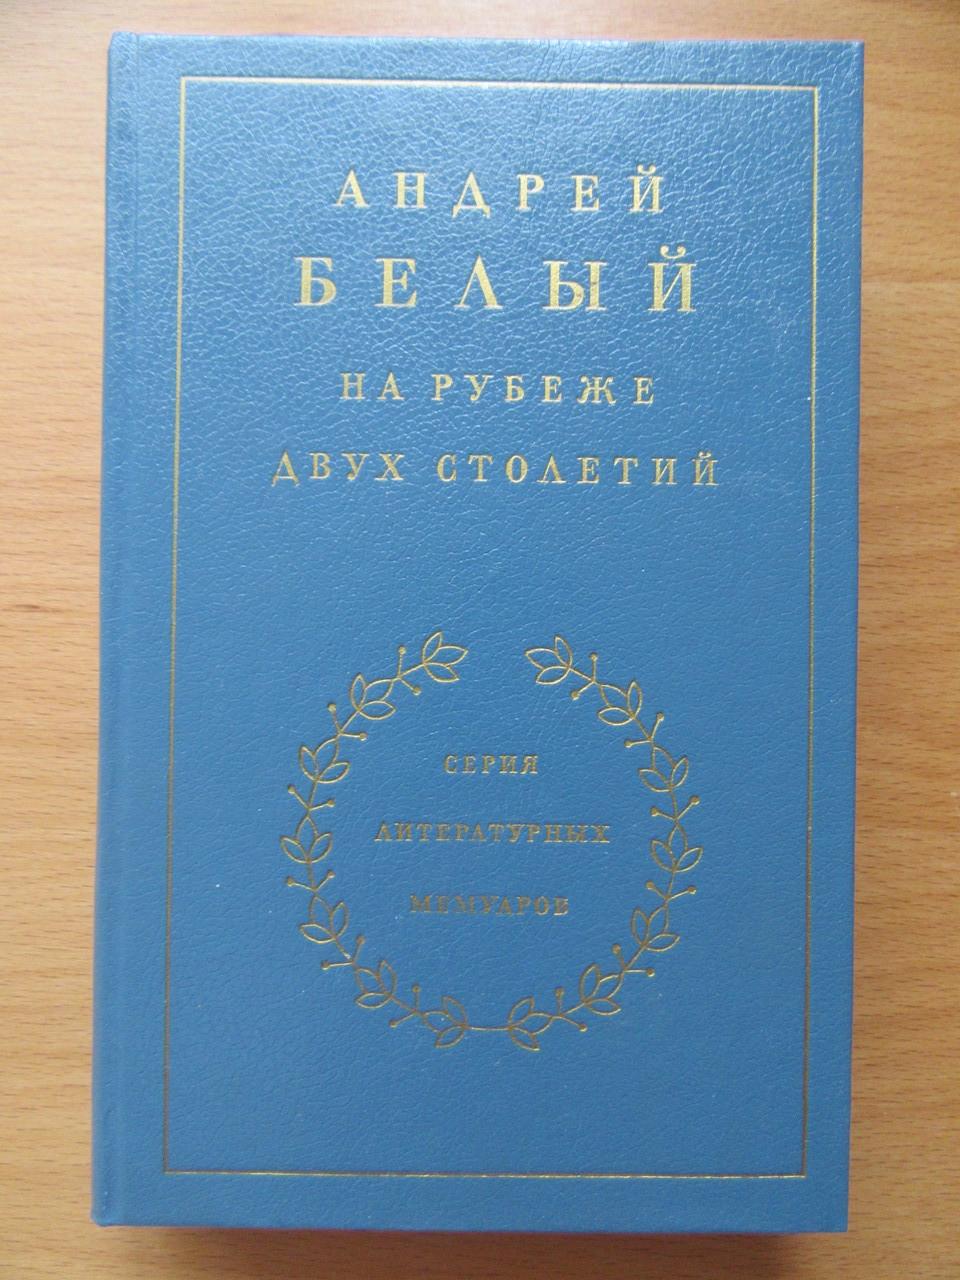 Андрей Белый. Литературные мемуары. Три книги